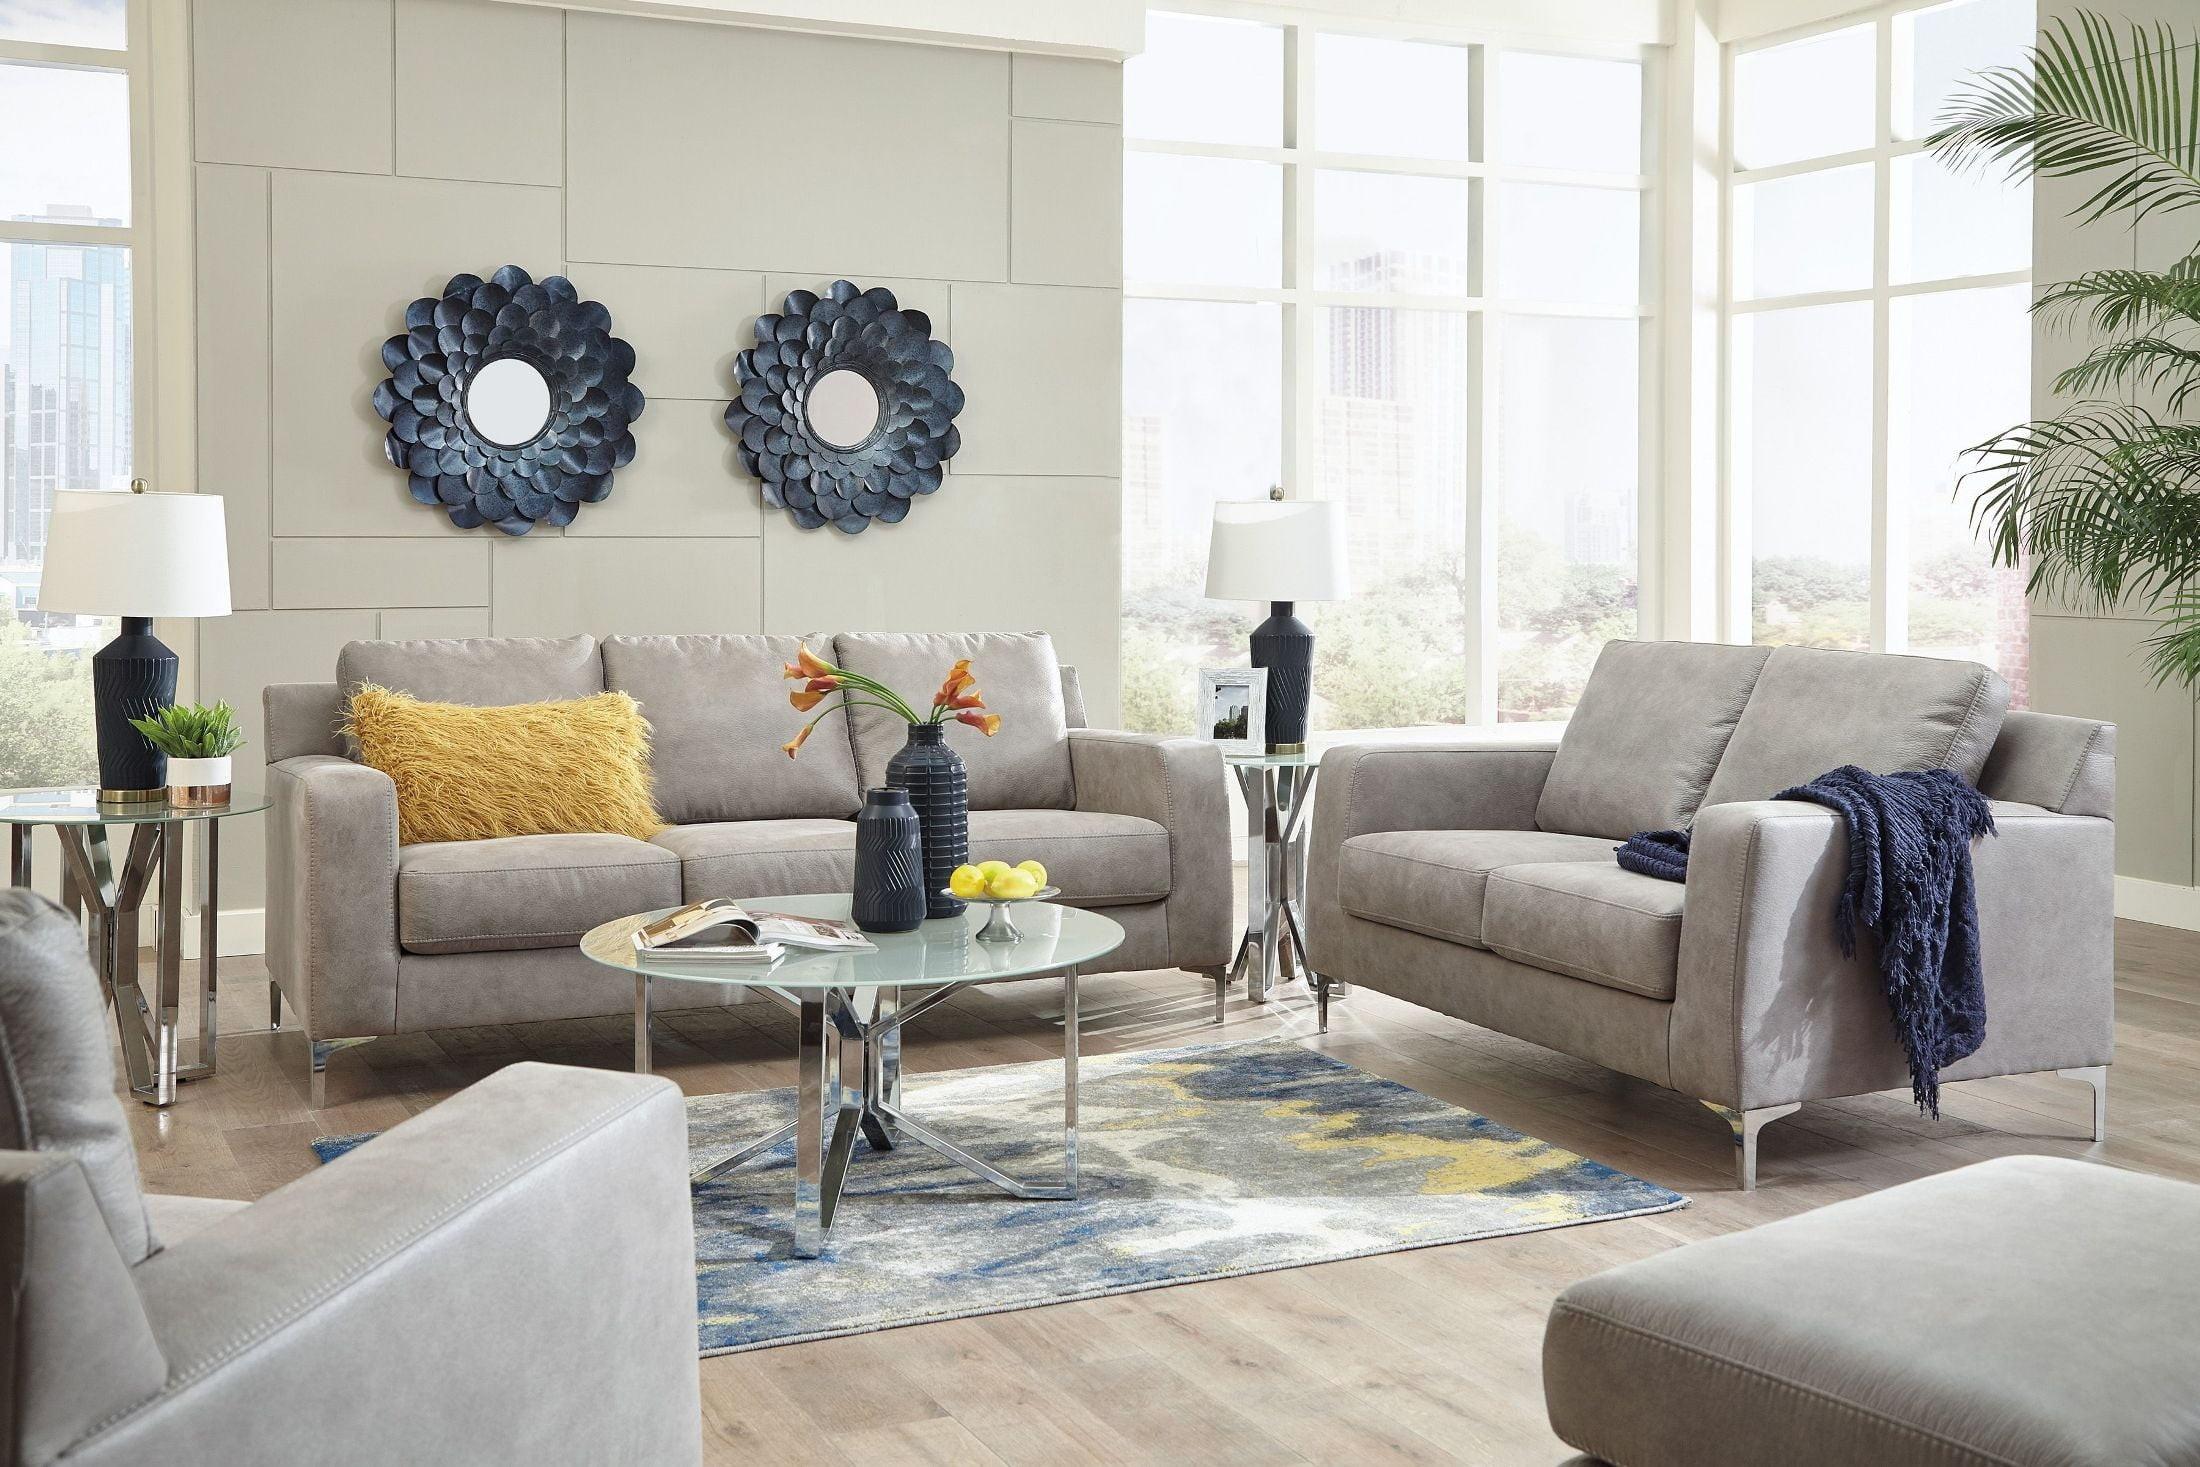 Ryler Beige Living Room Set from Ashley | Coleman Furniture